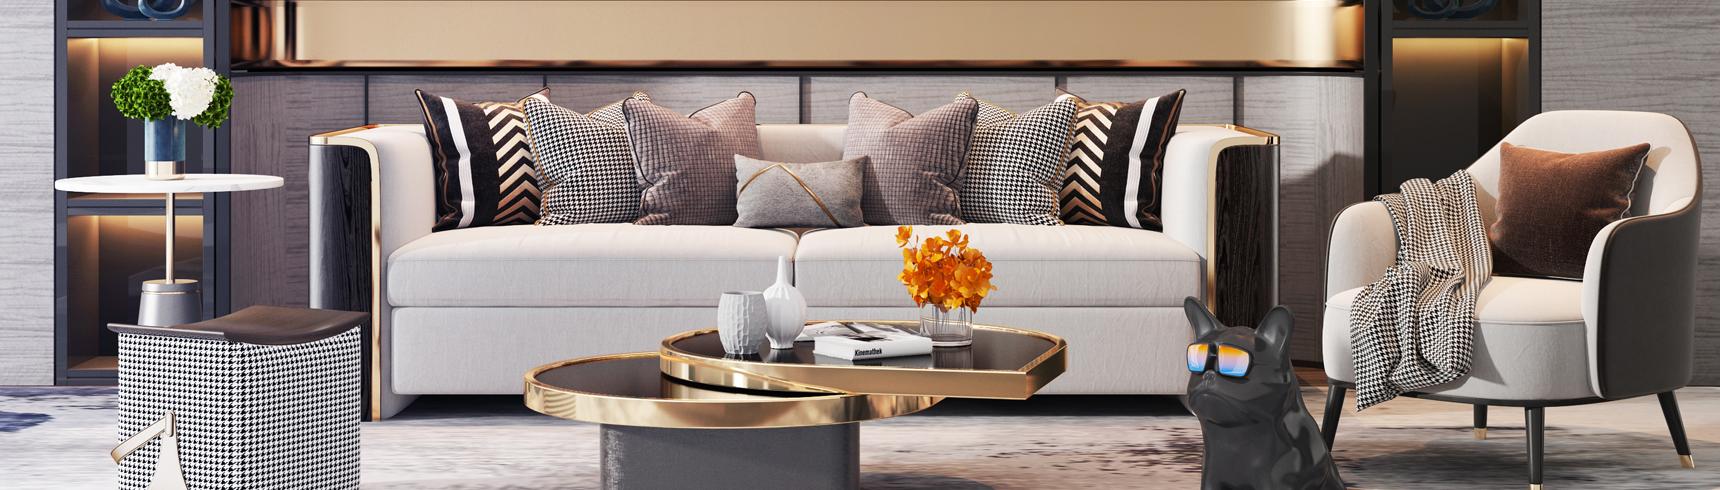 现代轻奢沙发椅子茶几组合3D模型下载